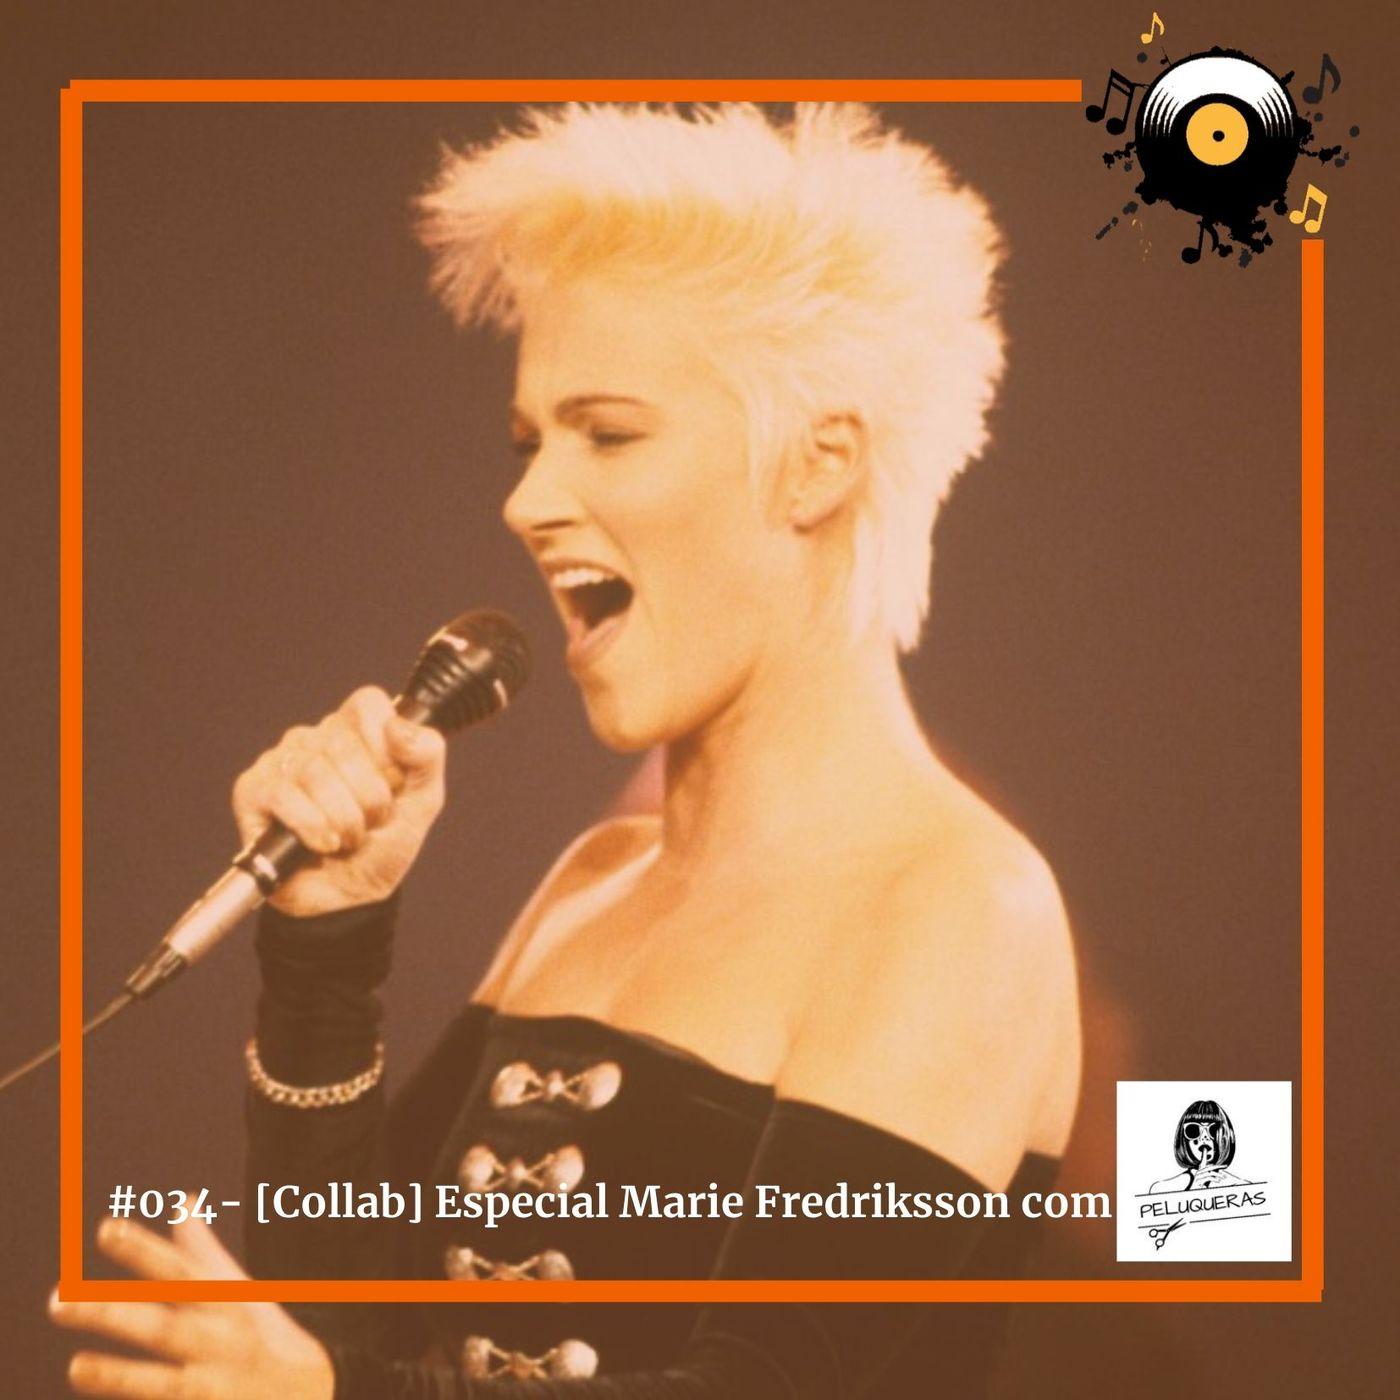 #034 [Collab] Especial Marie Fredriksson com Peluqueras Podcast